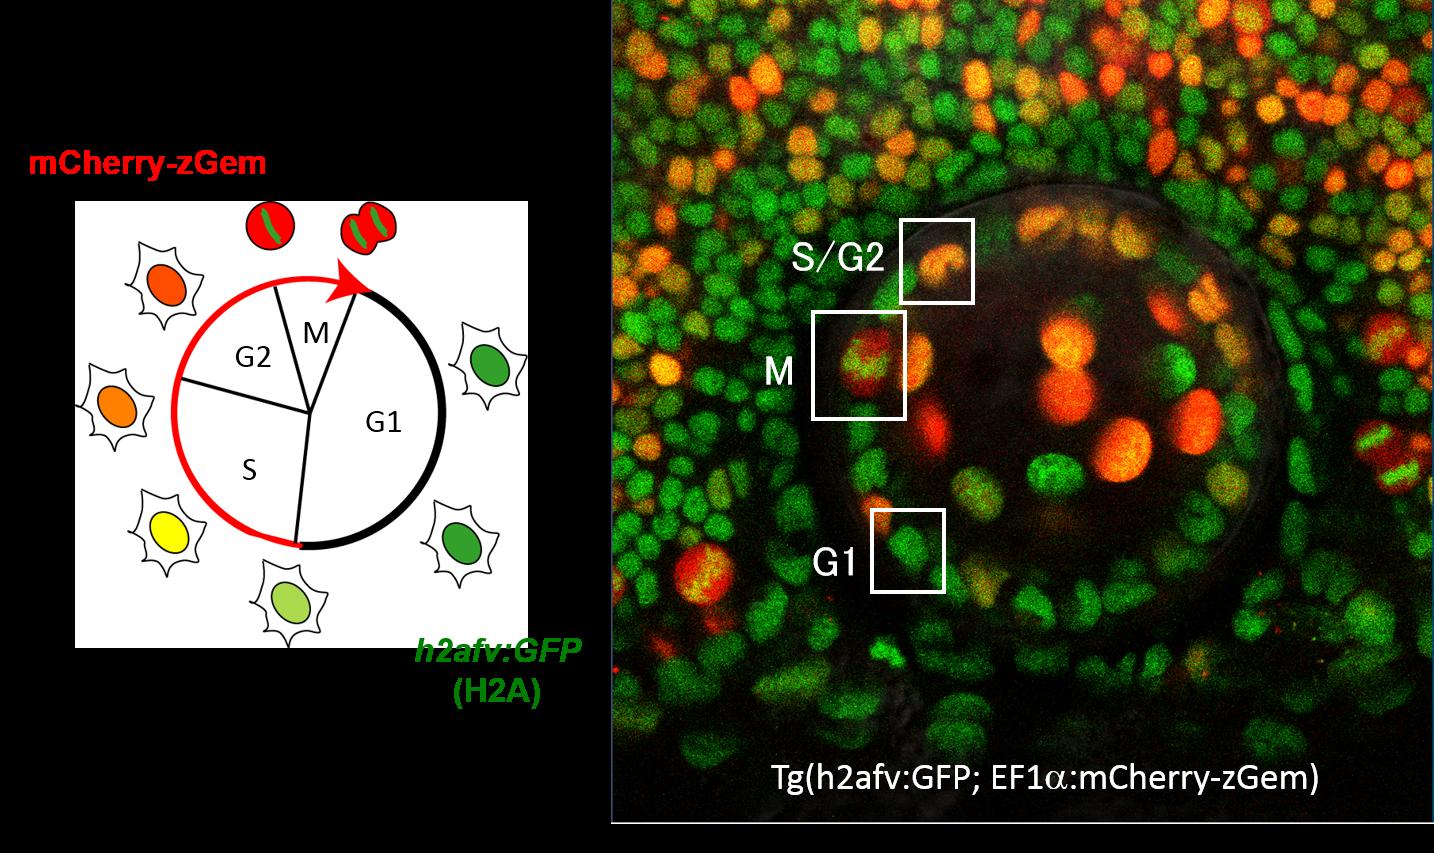 ゼブラフィッシュの上皮細胞で遺伝子操作により導入したmCherry-zGemとGFP-histoneを発現させた。細胞周期の初期段階では、GFP-histoneのみが発現するため細胞は緑色に発光する。細胞周期の進行に伴い、mCherry-zGemが発現し、細胞の色もやがて深紅色へと変化する。